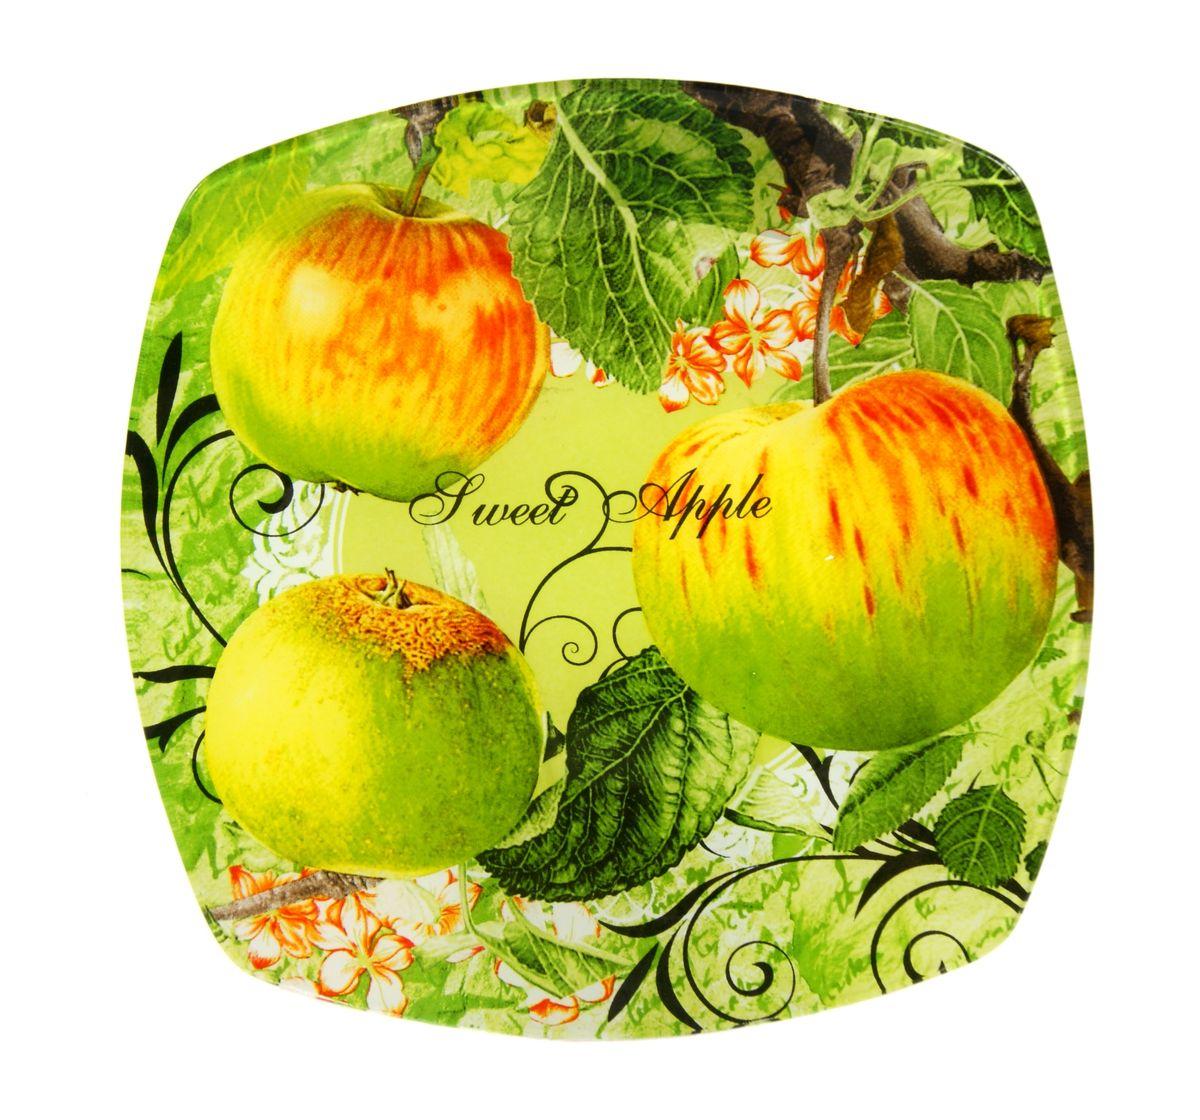 Тарелка Zibo Shelley Райские яблочки, 25 х 25 смZSPA350010Квадратная тарелка Zibo Shelley Райские яблочки, изготовленная из стекла, декорирована ярким изображением яблок. Она не только украсит сервировку вашего стола и подчеркнет прекрасный вкус хозяина, но и станет отличным подарком. Можно использовать в посудомоечной машине и СВЧ. Размер по верхнему краю: 25 см х 25 см. Высота: 1,9 см.